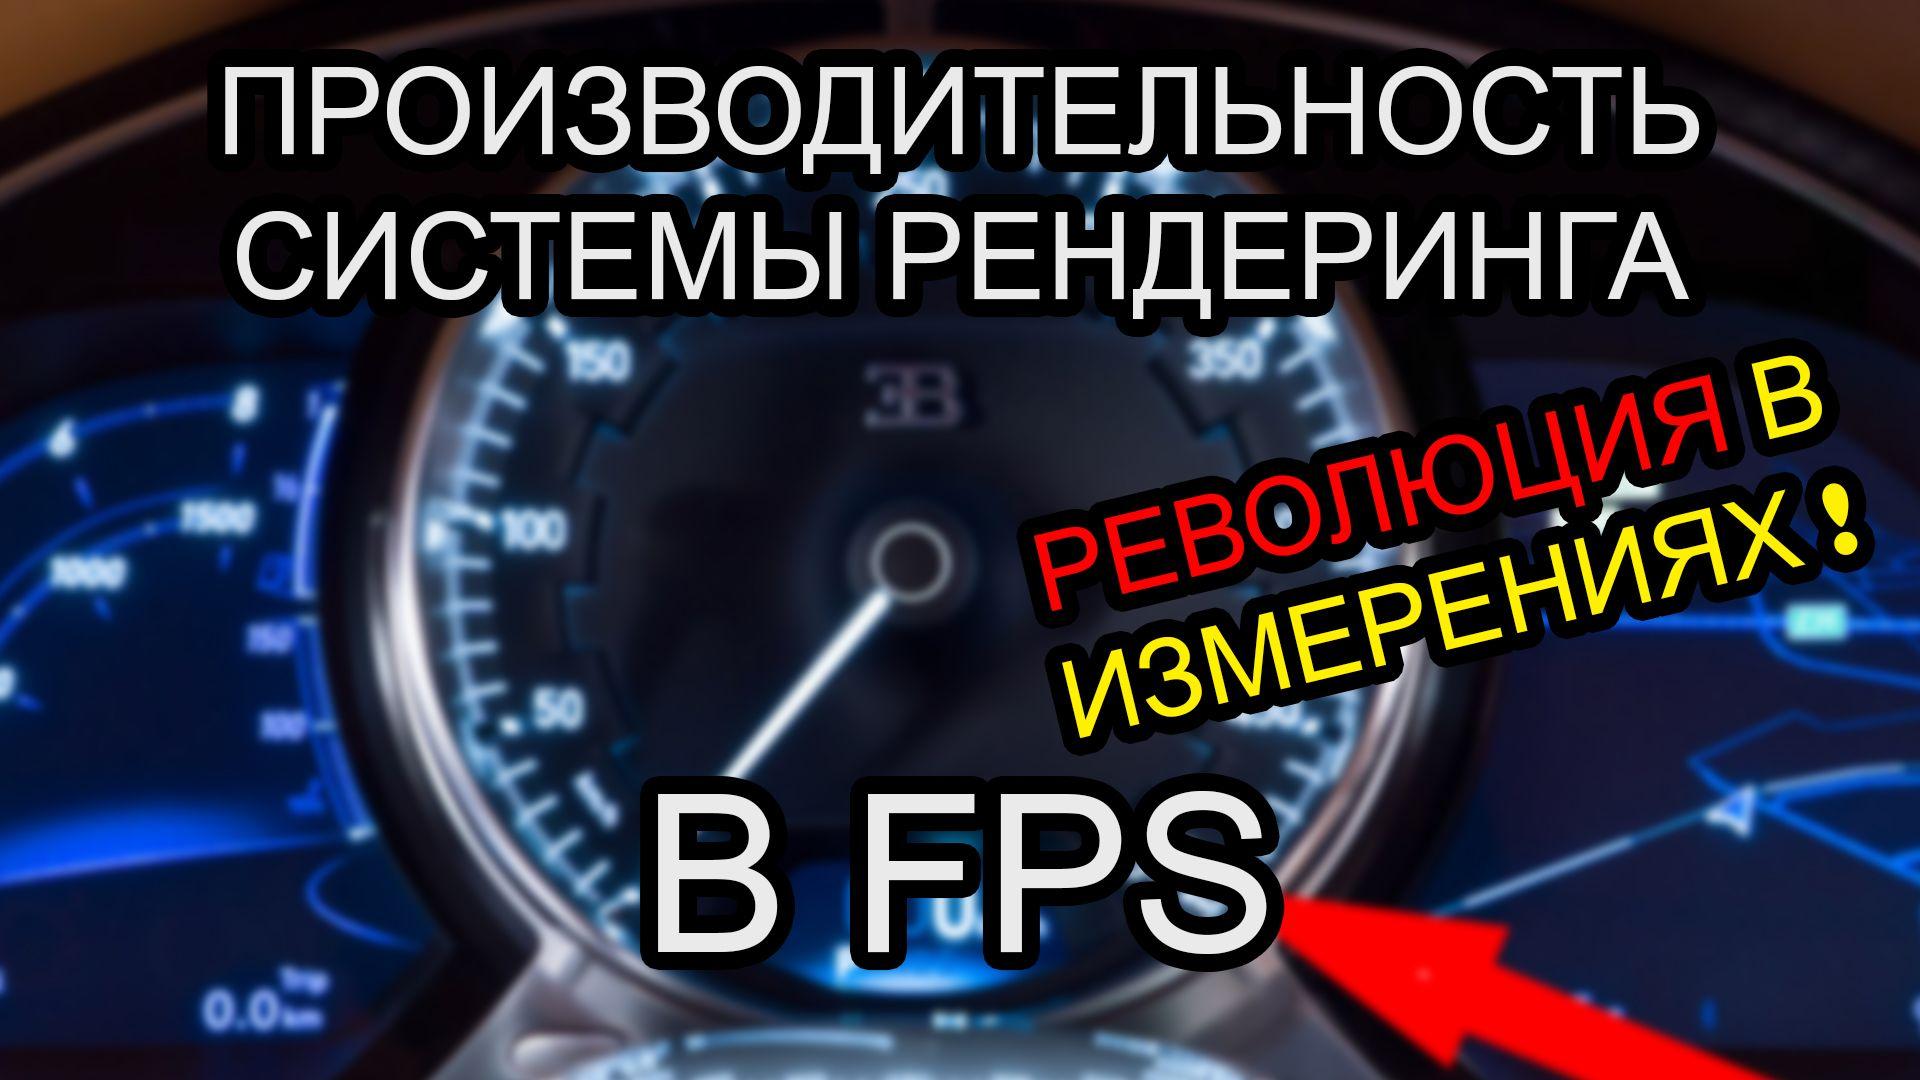 Измерение производительности системы для рендеринга в FPS. Измеряйте в единой системе измерения - ФПС для сравнения скорости рендеринга. Сравнение систем в ФПС для рендеринга! Ссылка на Excel-файл httpsbit.lyFPS-Renderings Подписаться мгновенно httpbit.lyWIWERCY По вопросам рекламы wiwercy@gmail.com Сайт httpwiwercy.info Группа Fb httpswww.facebook.comwiwepa Живой Журнал httpwepa-wiwepa.livejournal.com Coub httpcoub.comwiwer.ca Спасибо всем за поддержку! Вы ставите лайк - и смотрите новые смешные ролики, самая честная сделка. Как часто будут выходить новые трейлеры зависит от вашей активности, просто жмите мне нравится, комментируйте, делитесь с друзьями и кидайте в предложить новости в сообществах на которые подписаны. Создатели Извращенного Сюрреализма (Виверские рыцари) - отличаются предвзятым цинизмом и ненормальным (альтернативным) взглядом на существующую реальность. На нашем сайте httpwiwercy.info еще больше приколов, которые ютуб блочит по цензуре. Стиль был осознан и создан известными в узких кругах Wiwa & EPA в 2007 году. В основе стиля показана жизнь маргинальных слоёв населения (бомжей, рИальных пацанов, проституток, преподавателей вузов, лесных извращенцев), одним словом - ОТМОРОЗКОВ. Мы не претендуем на первенство в области прикольных переводов, мы показываем действующую реальность.